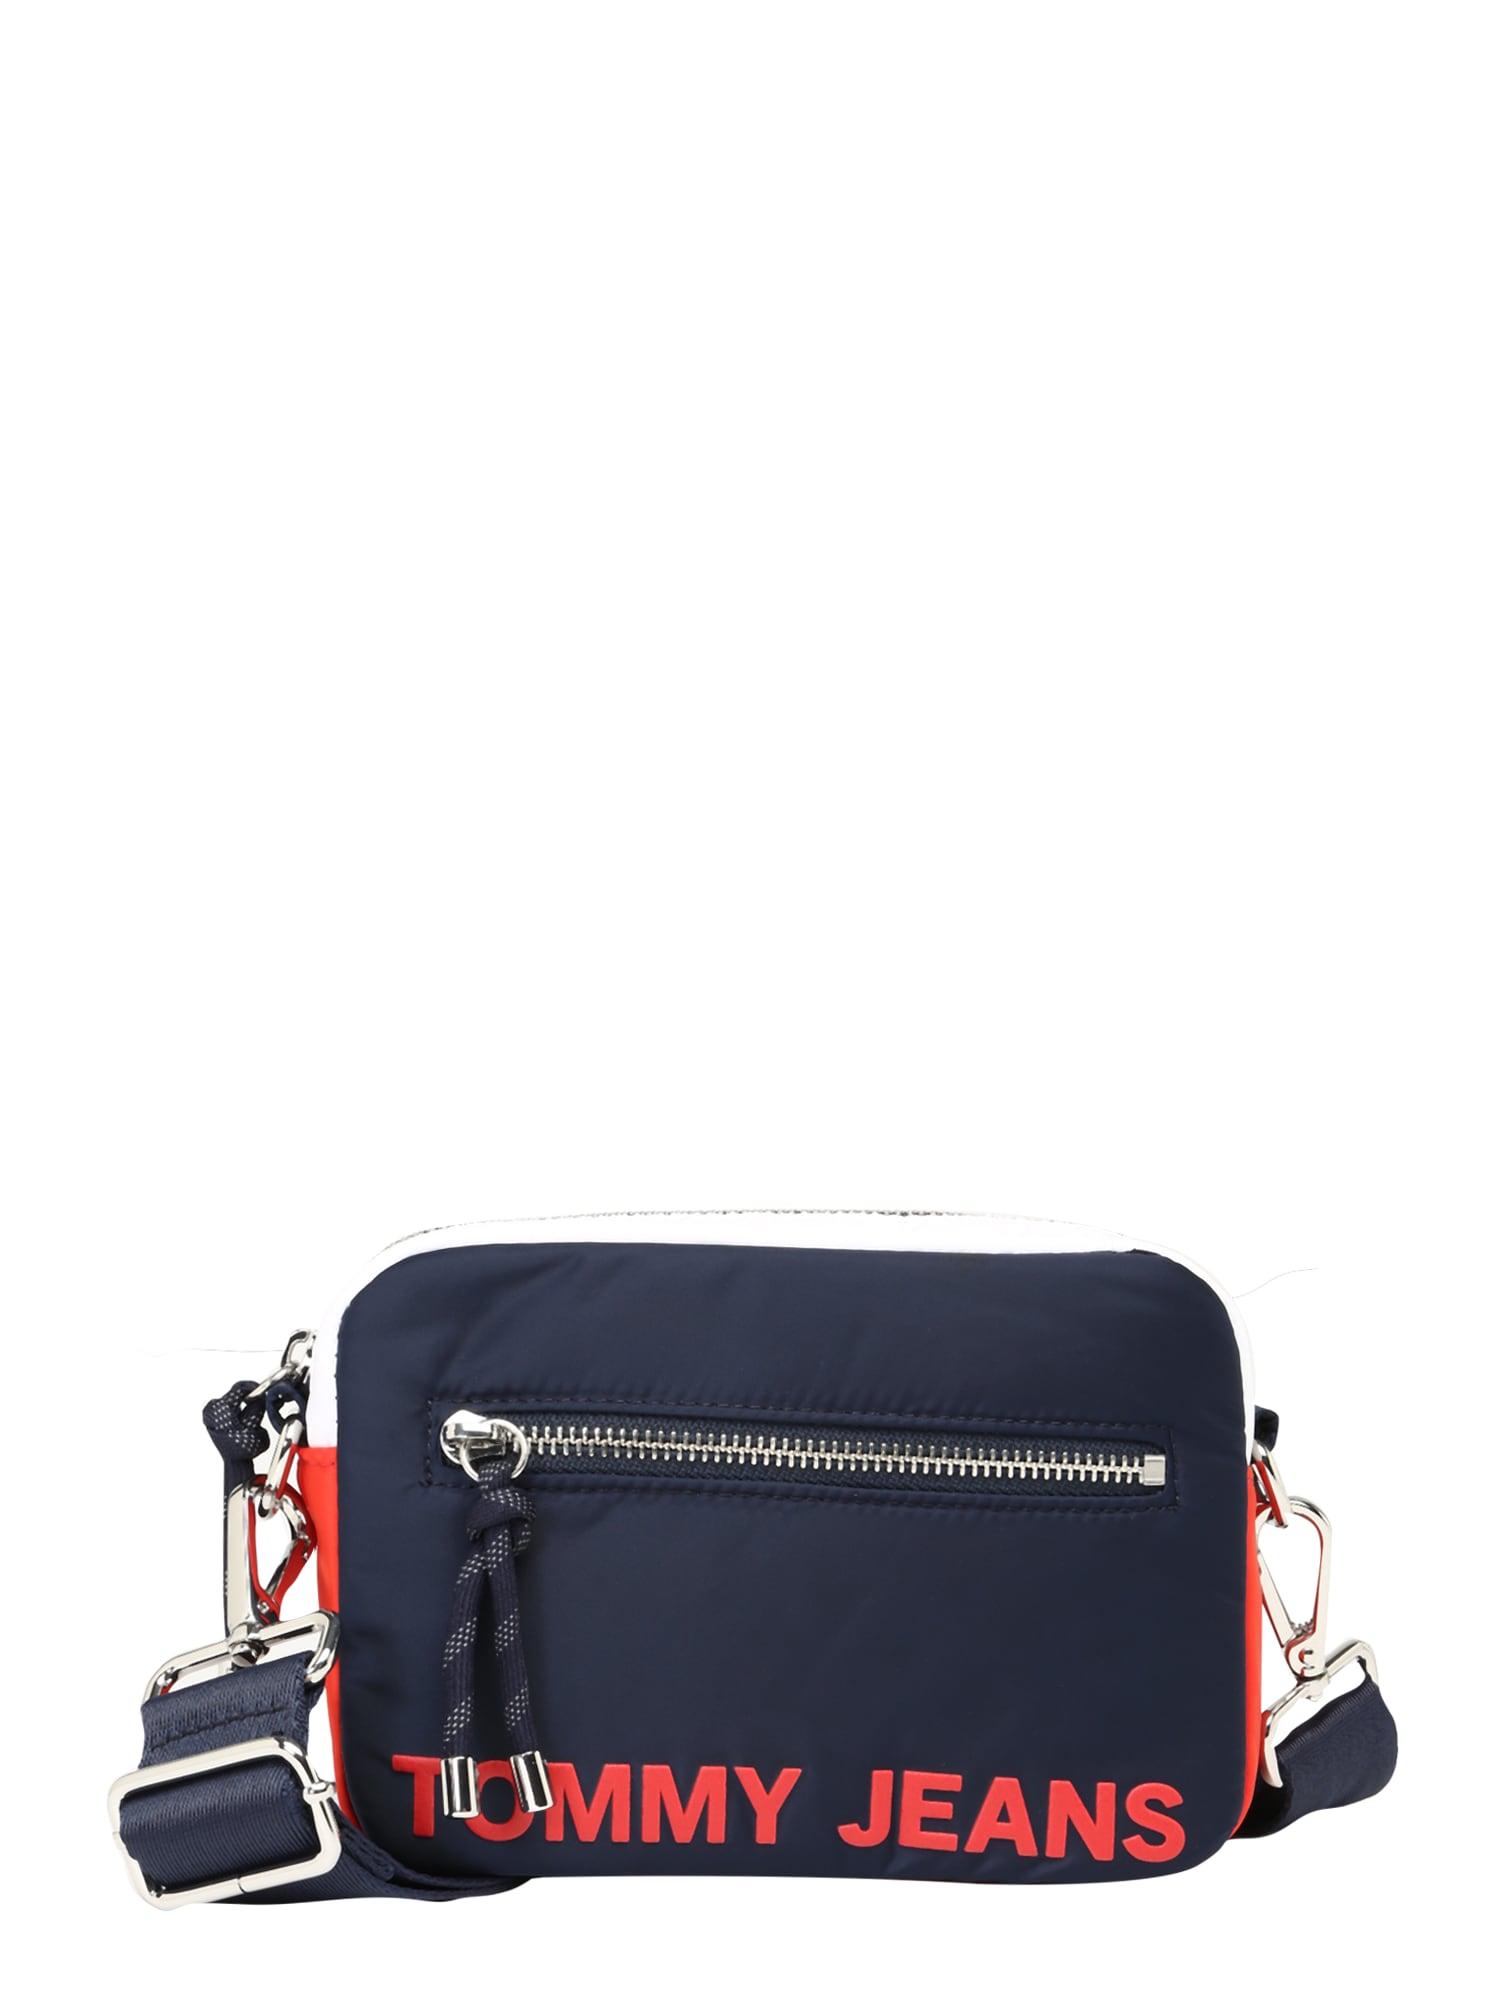 Taška přes rameno ITEM CROSSOVER RWB modrá červená bílá Tommy Jeans